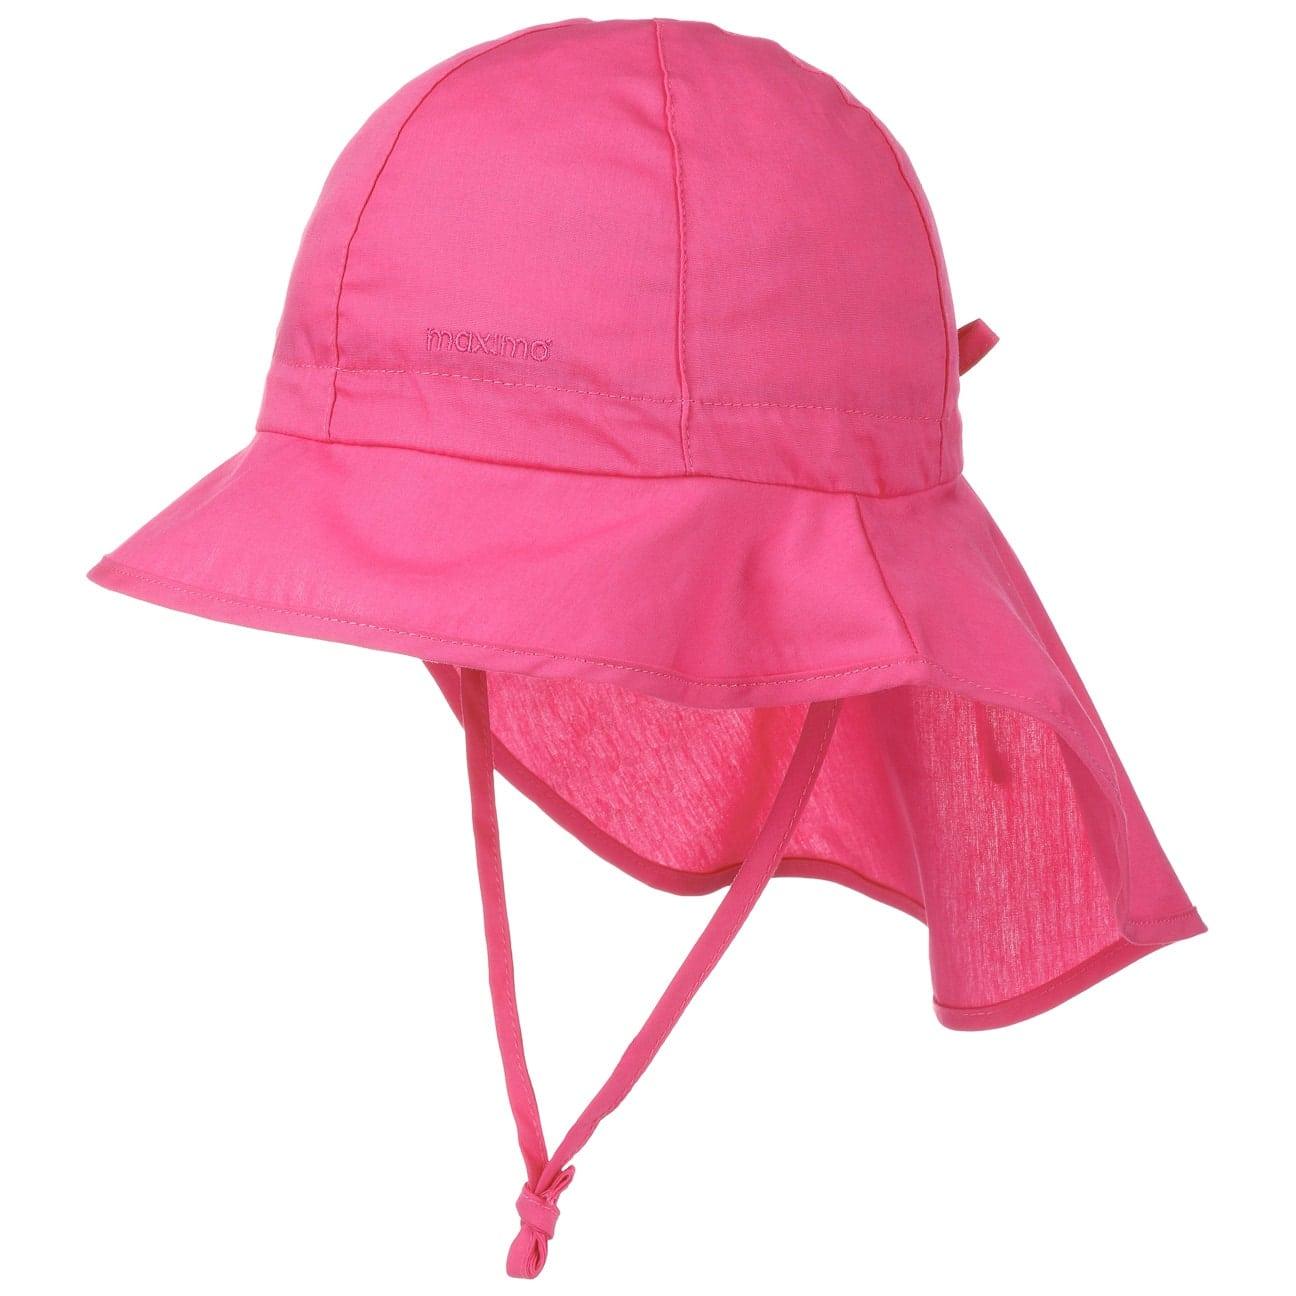 chapeau-avec-couvre-nuque-by-maximo-chapeau-de-soleil, 12.95 EUR @ chapeaushop-fr